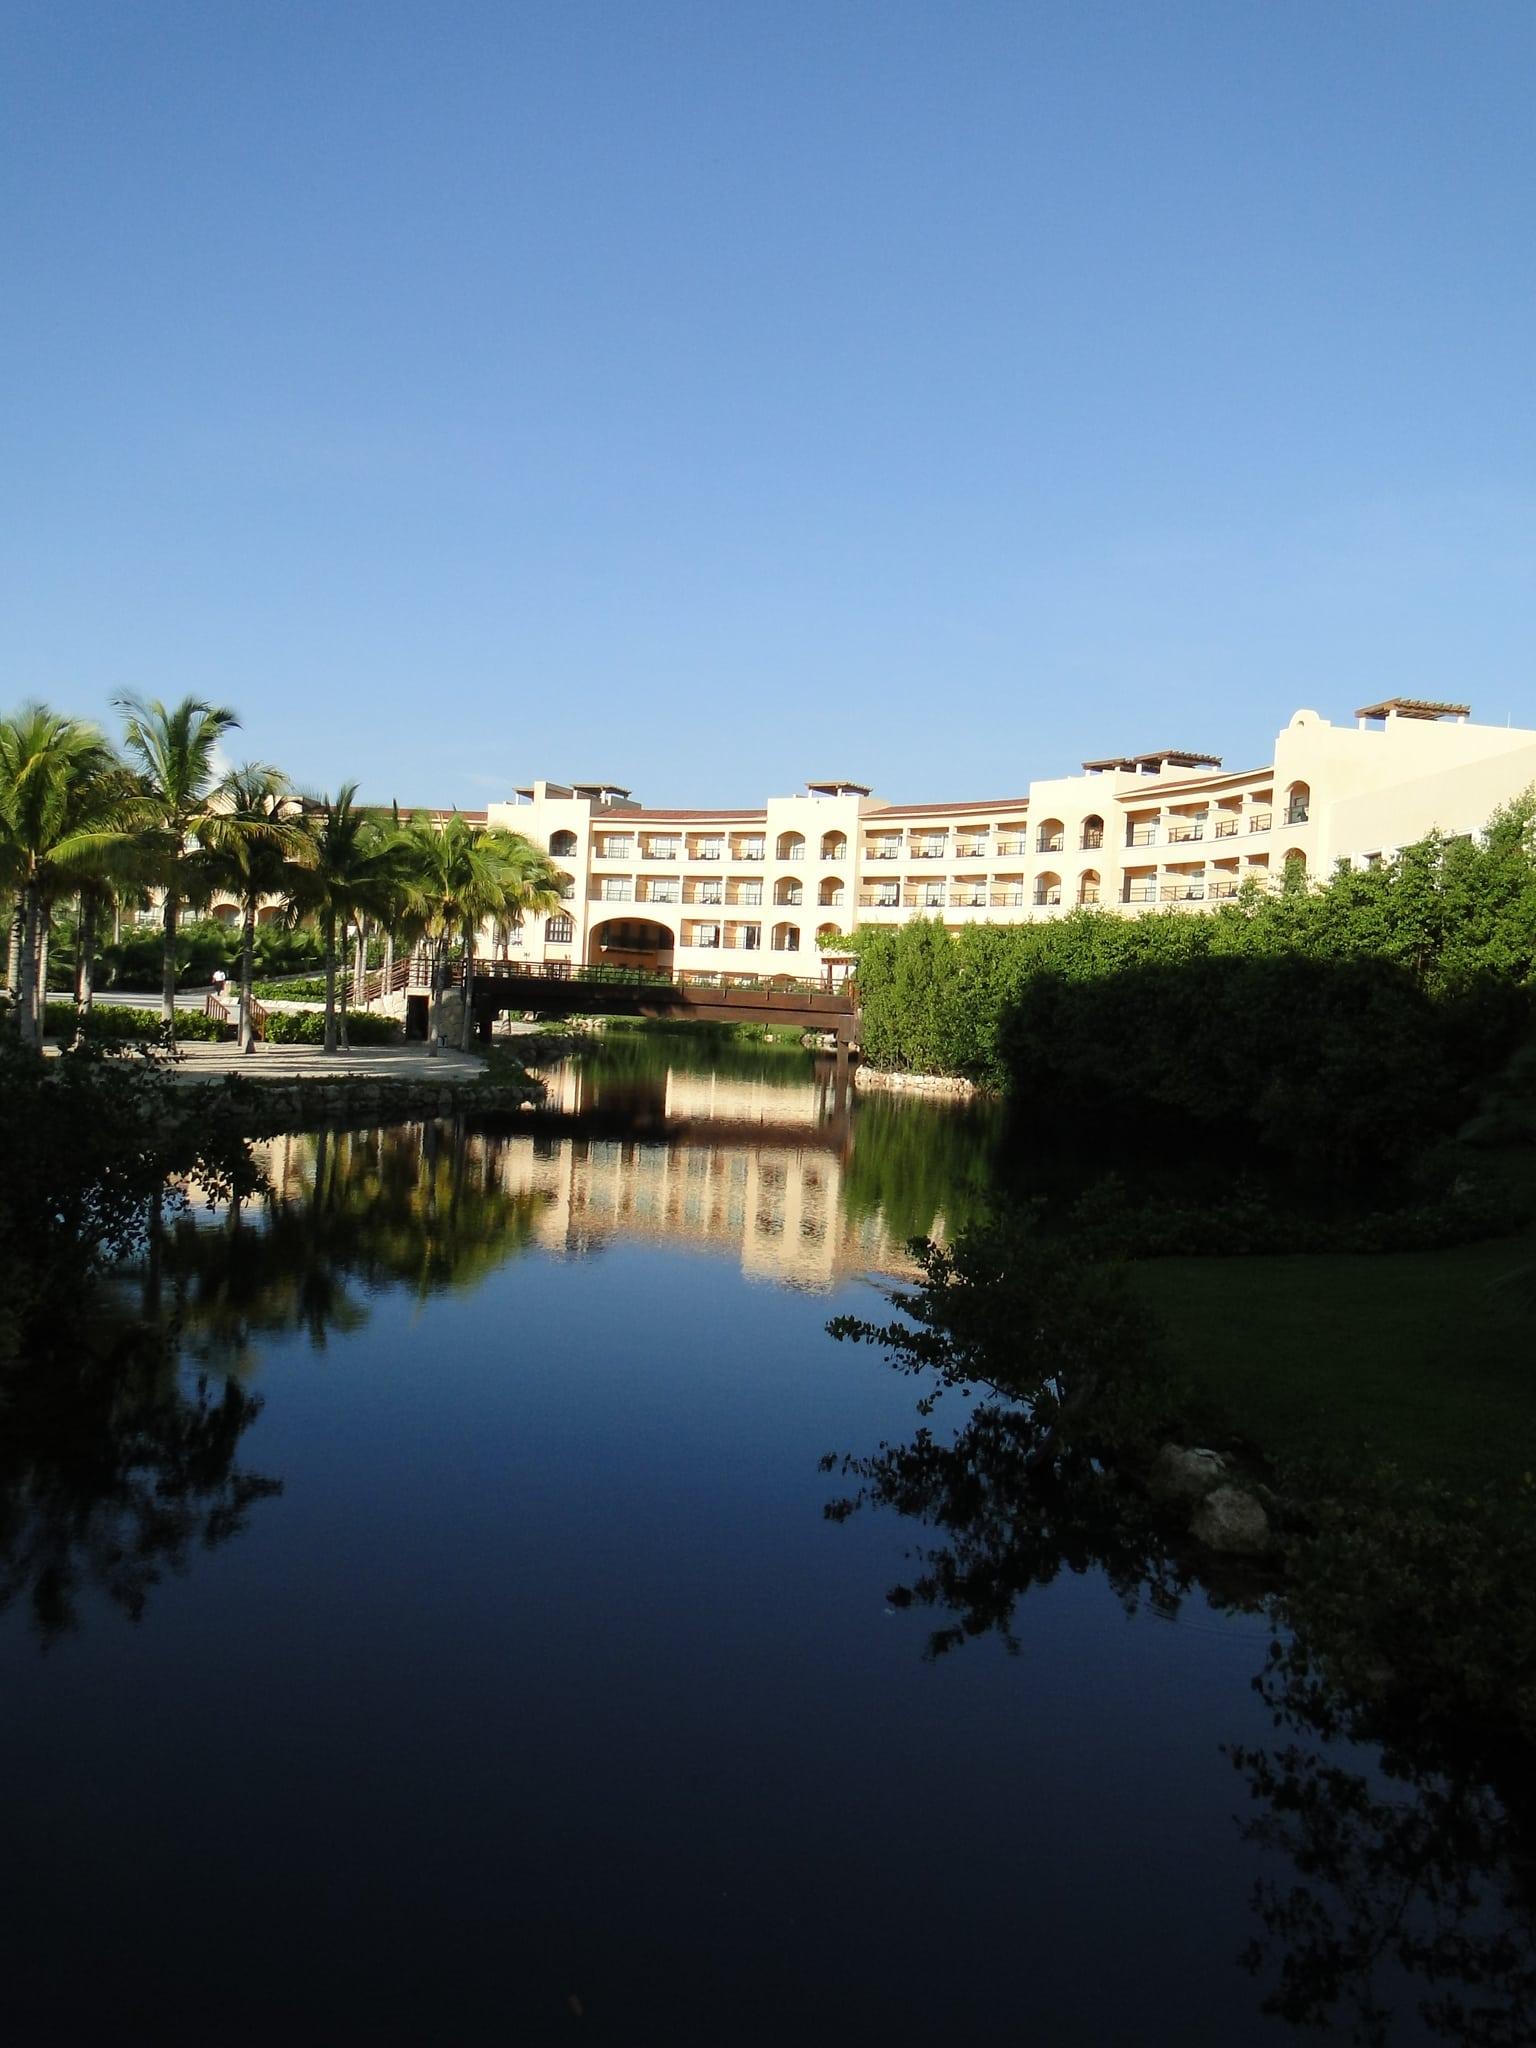 Fotos del hotel hacienda 3 rios 89